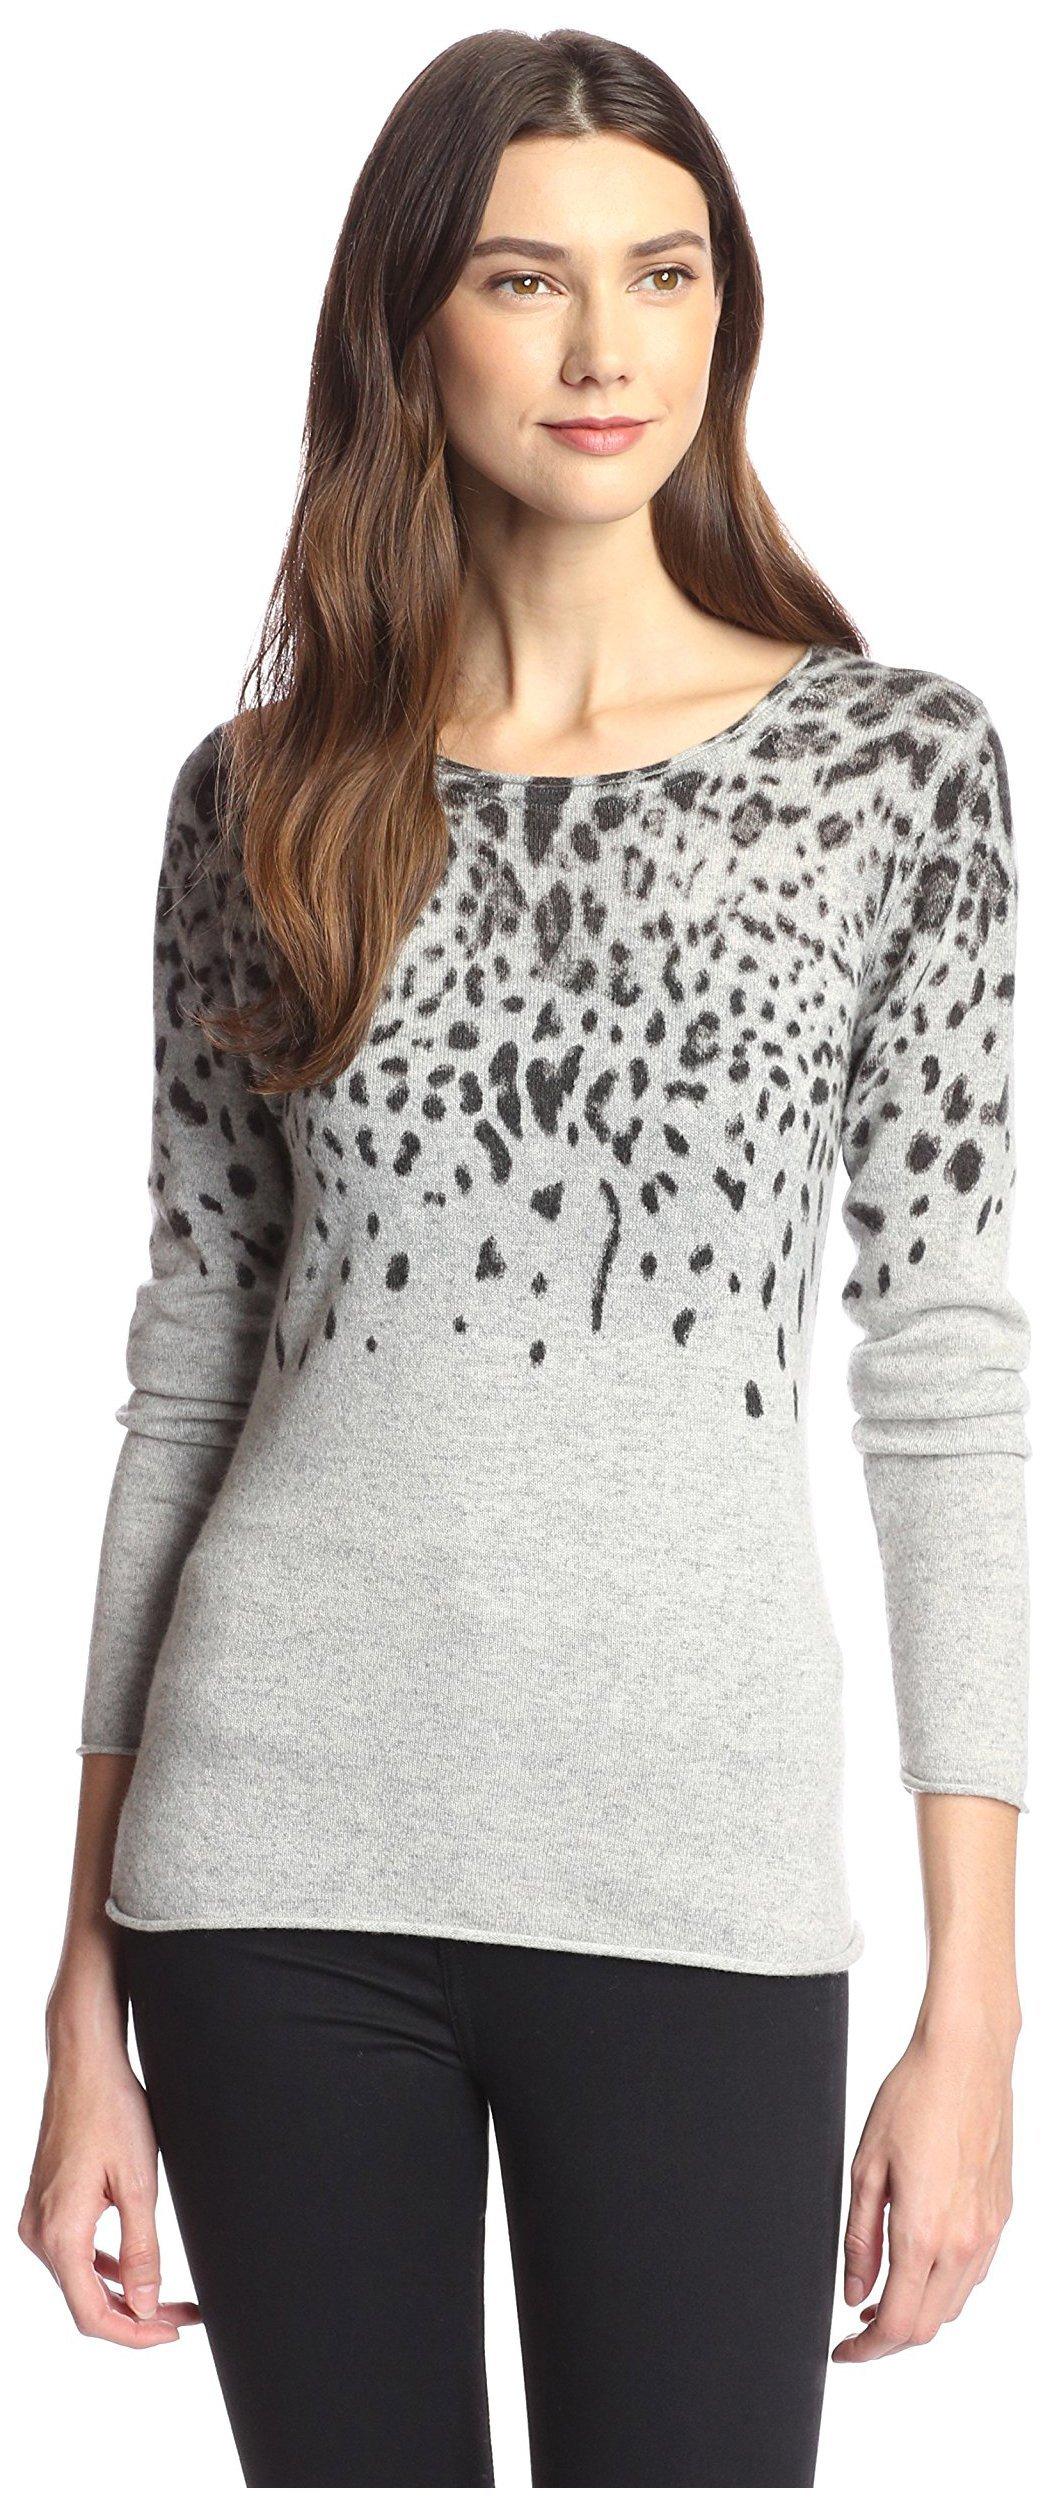 James & Erin Women's Cashmere Leopard Crewneck Sweater, Grey Multi, M